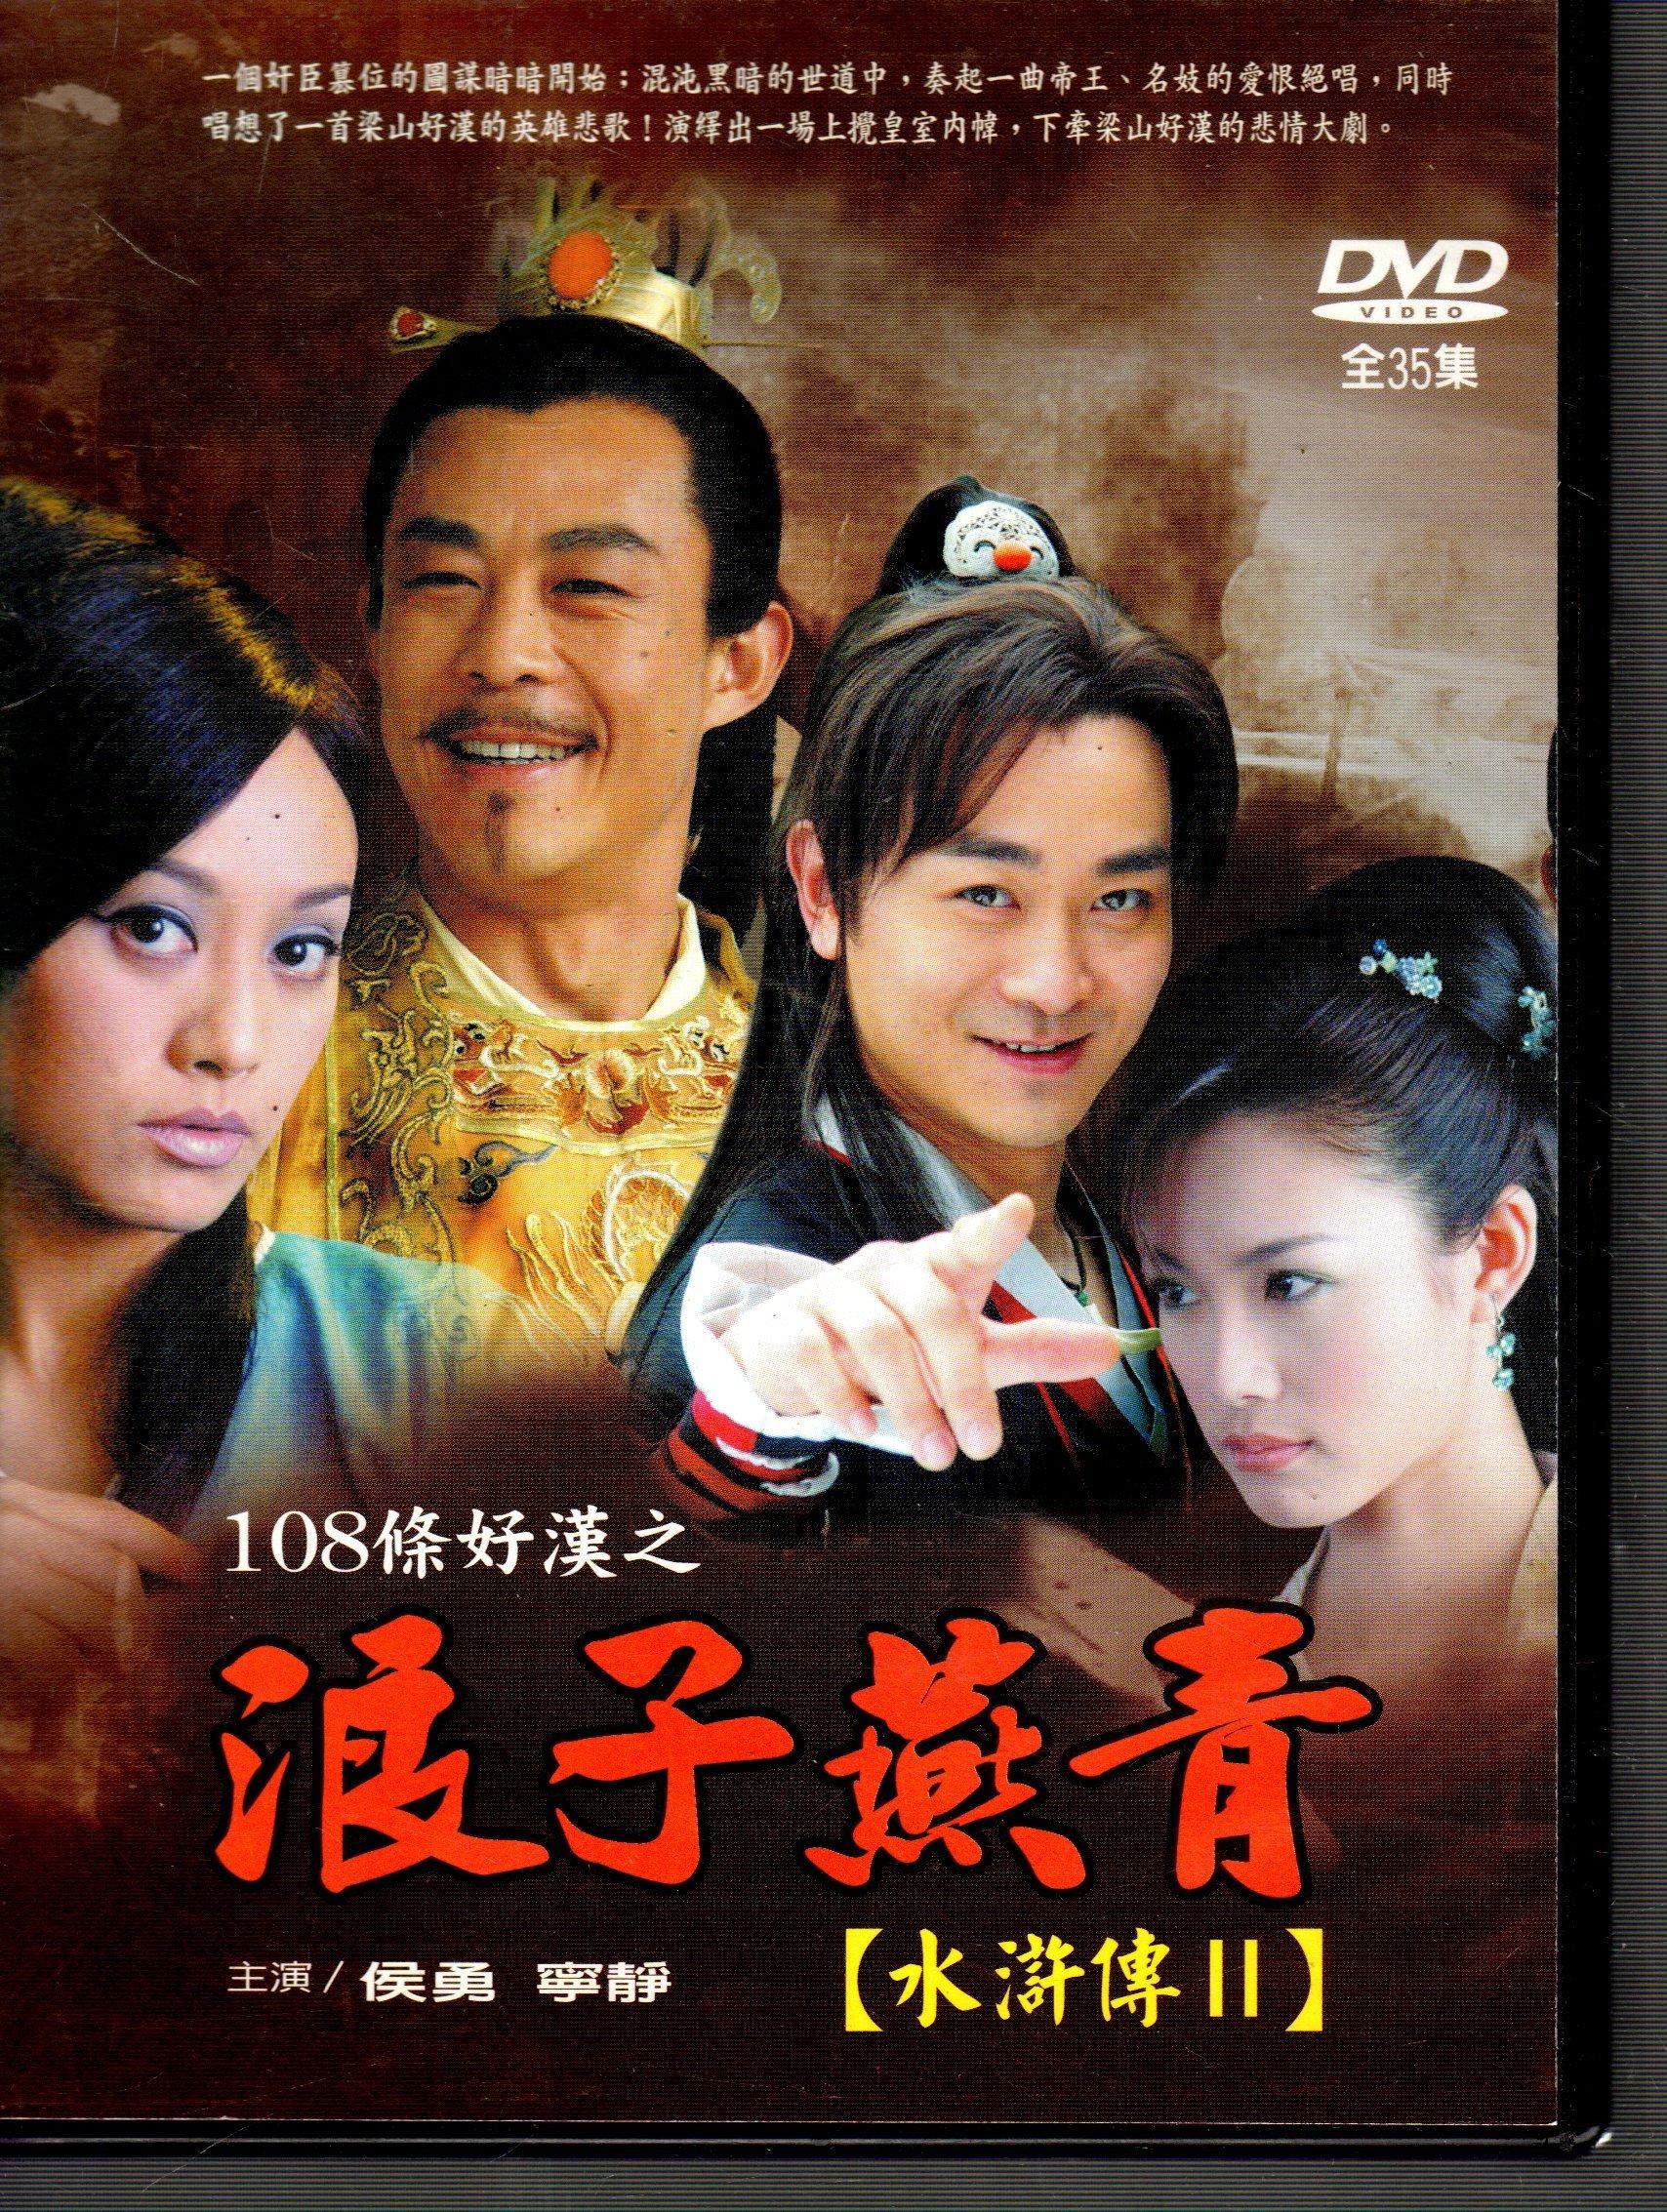 *老闆跑路* 108條好漢之浪子燕青:水滸傳  II 1-35集  5片裝DVD二手片,下標即賣,請看關於我